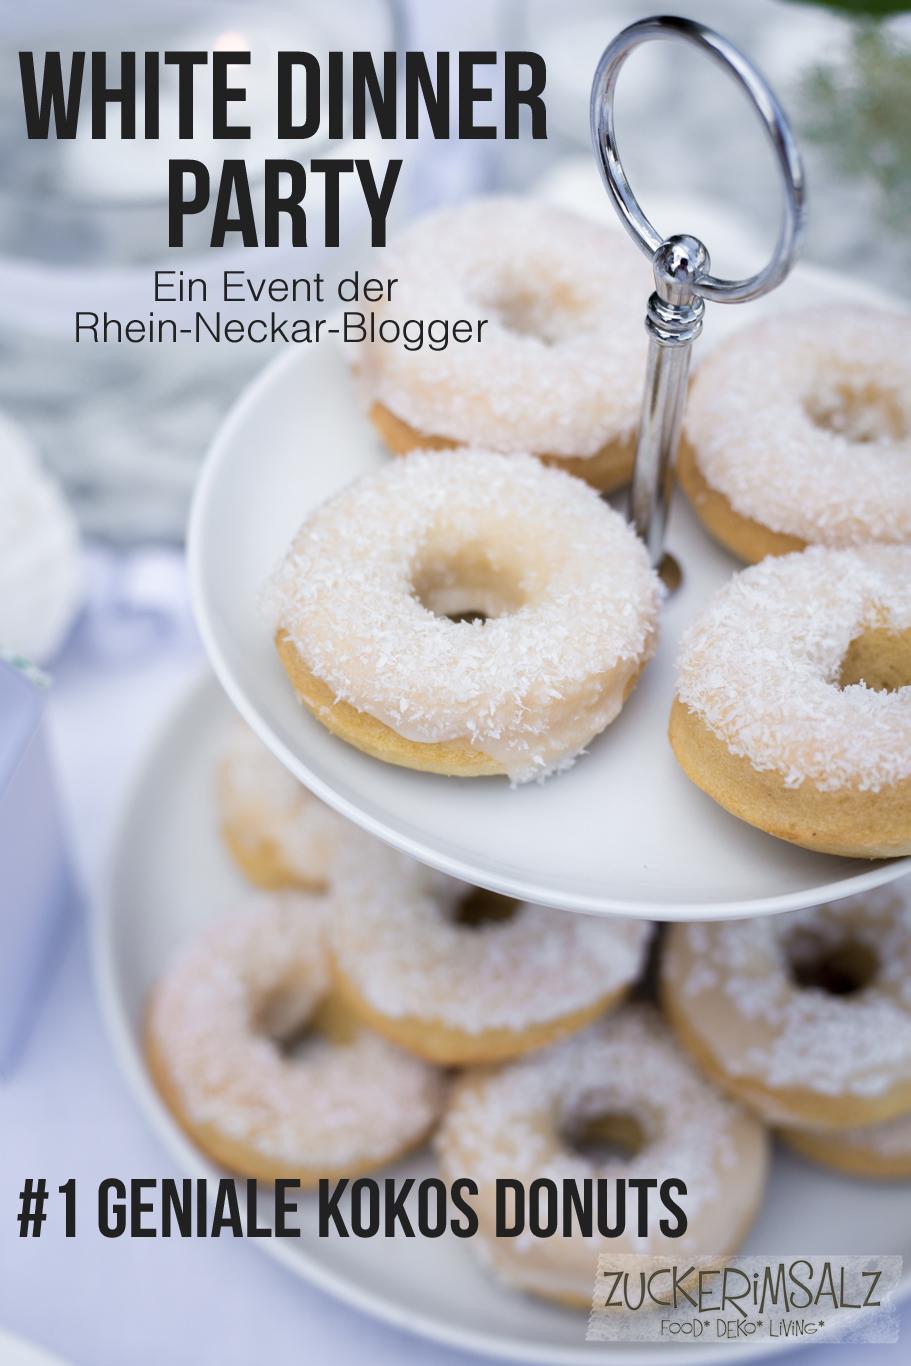 #1 Geniale Kokos Donuts … das White Dinner Event der Rhein Neckar Blogger